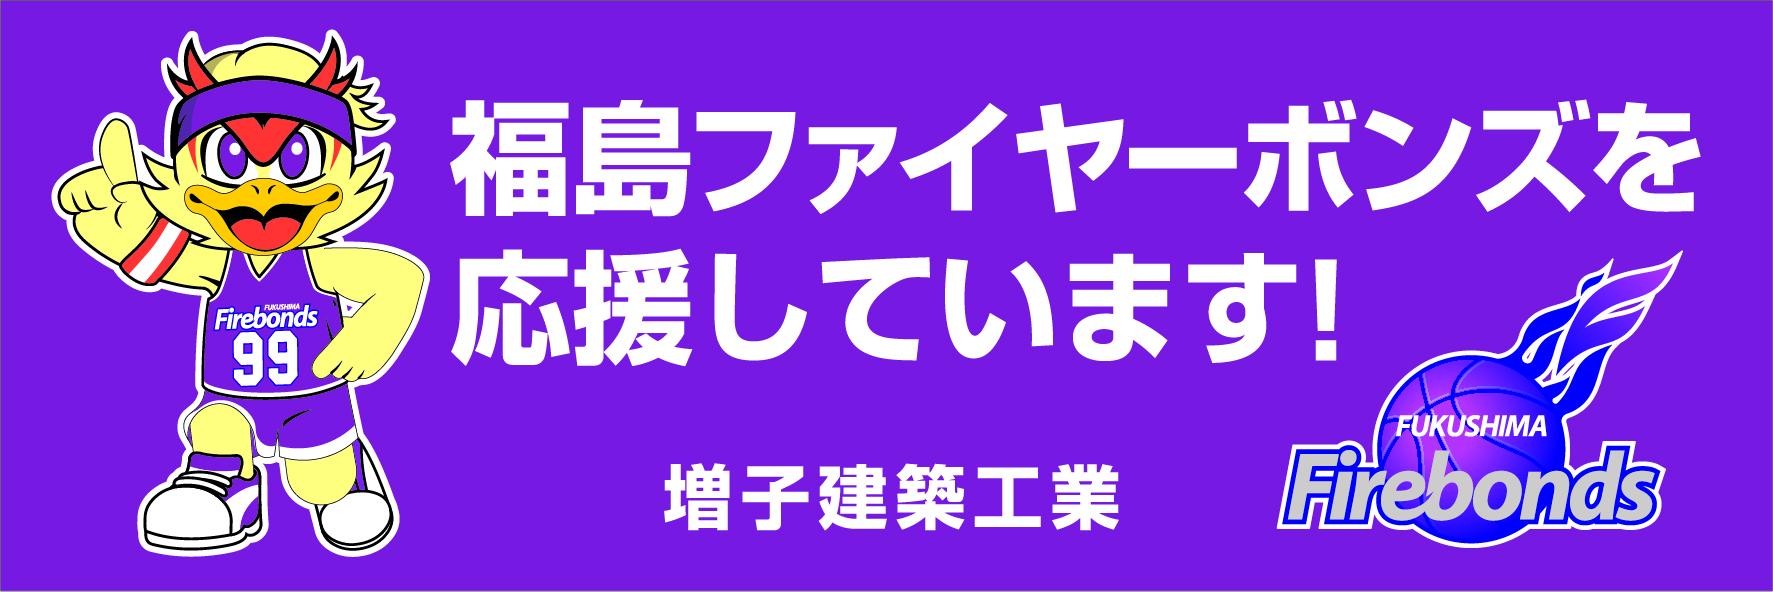 福島ファイアーボンズ